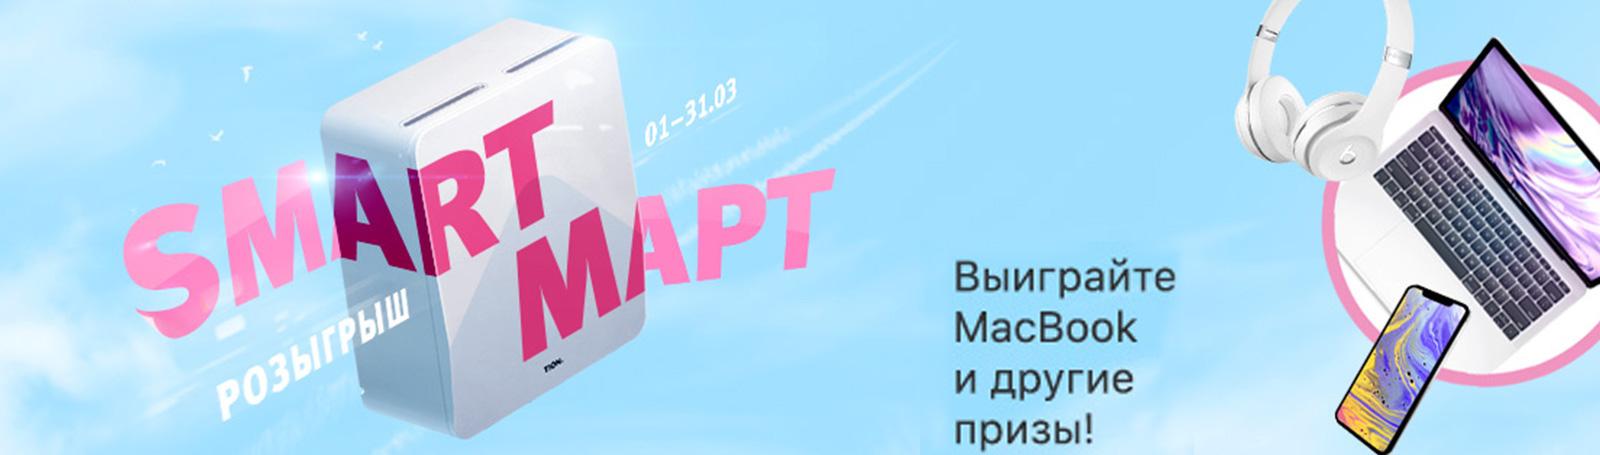 Smart-mart Tion